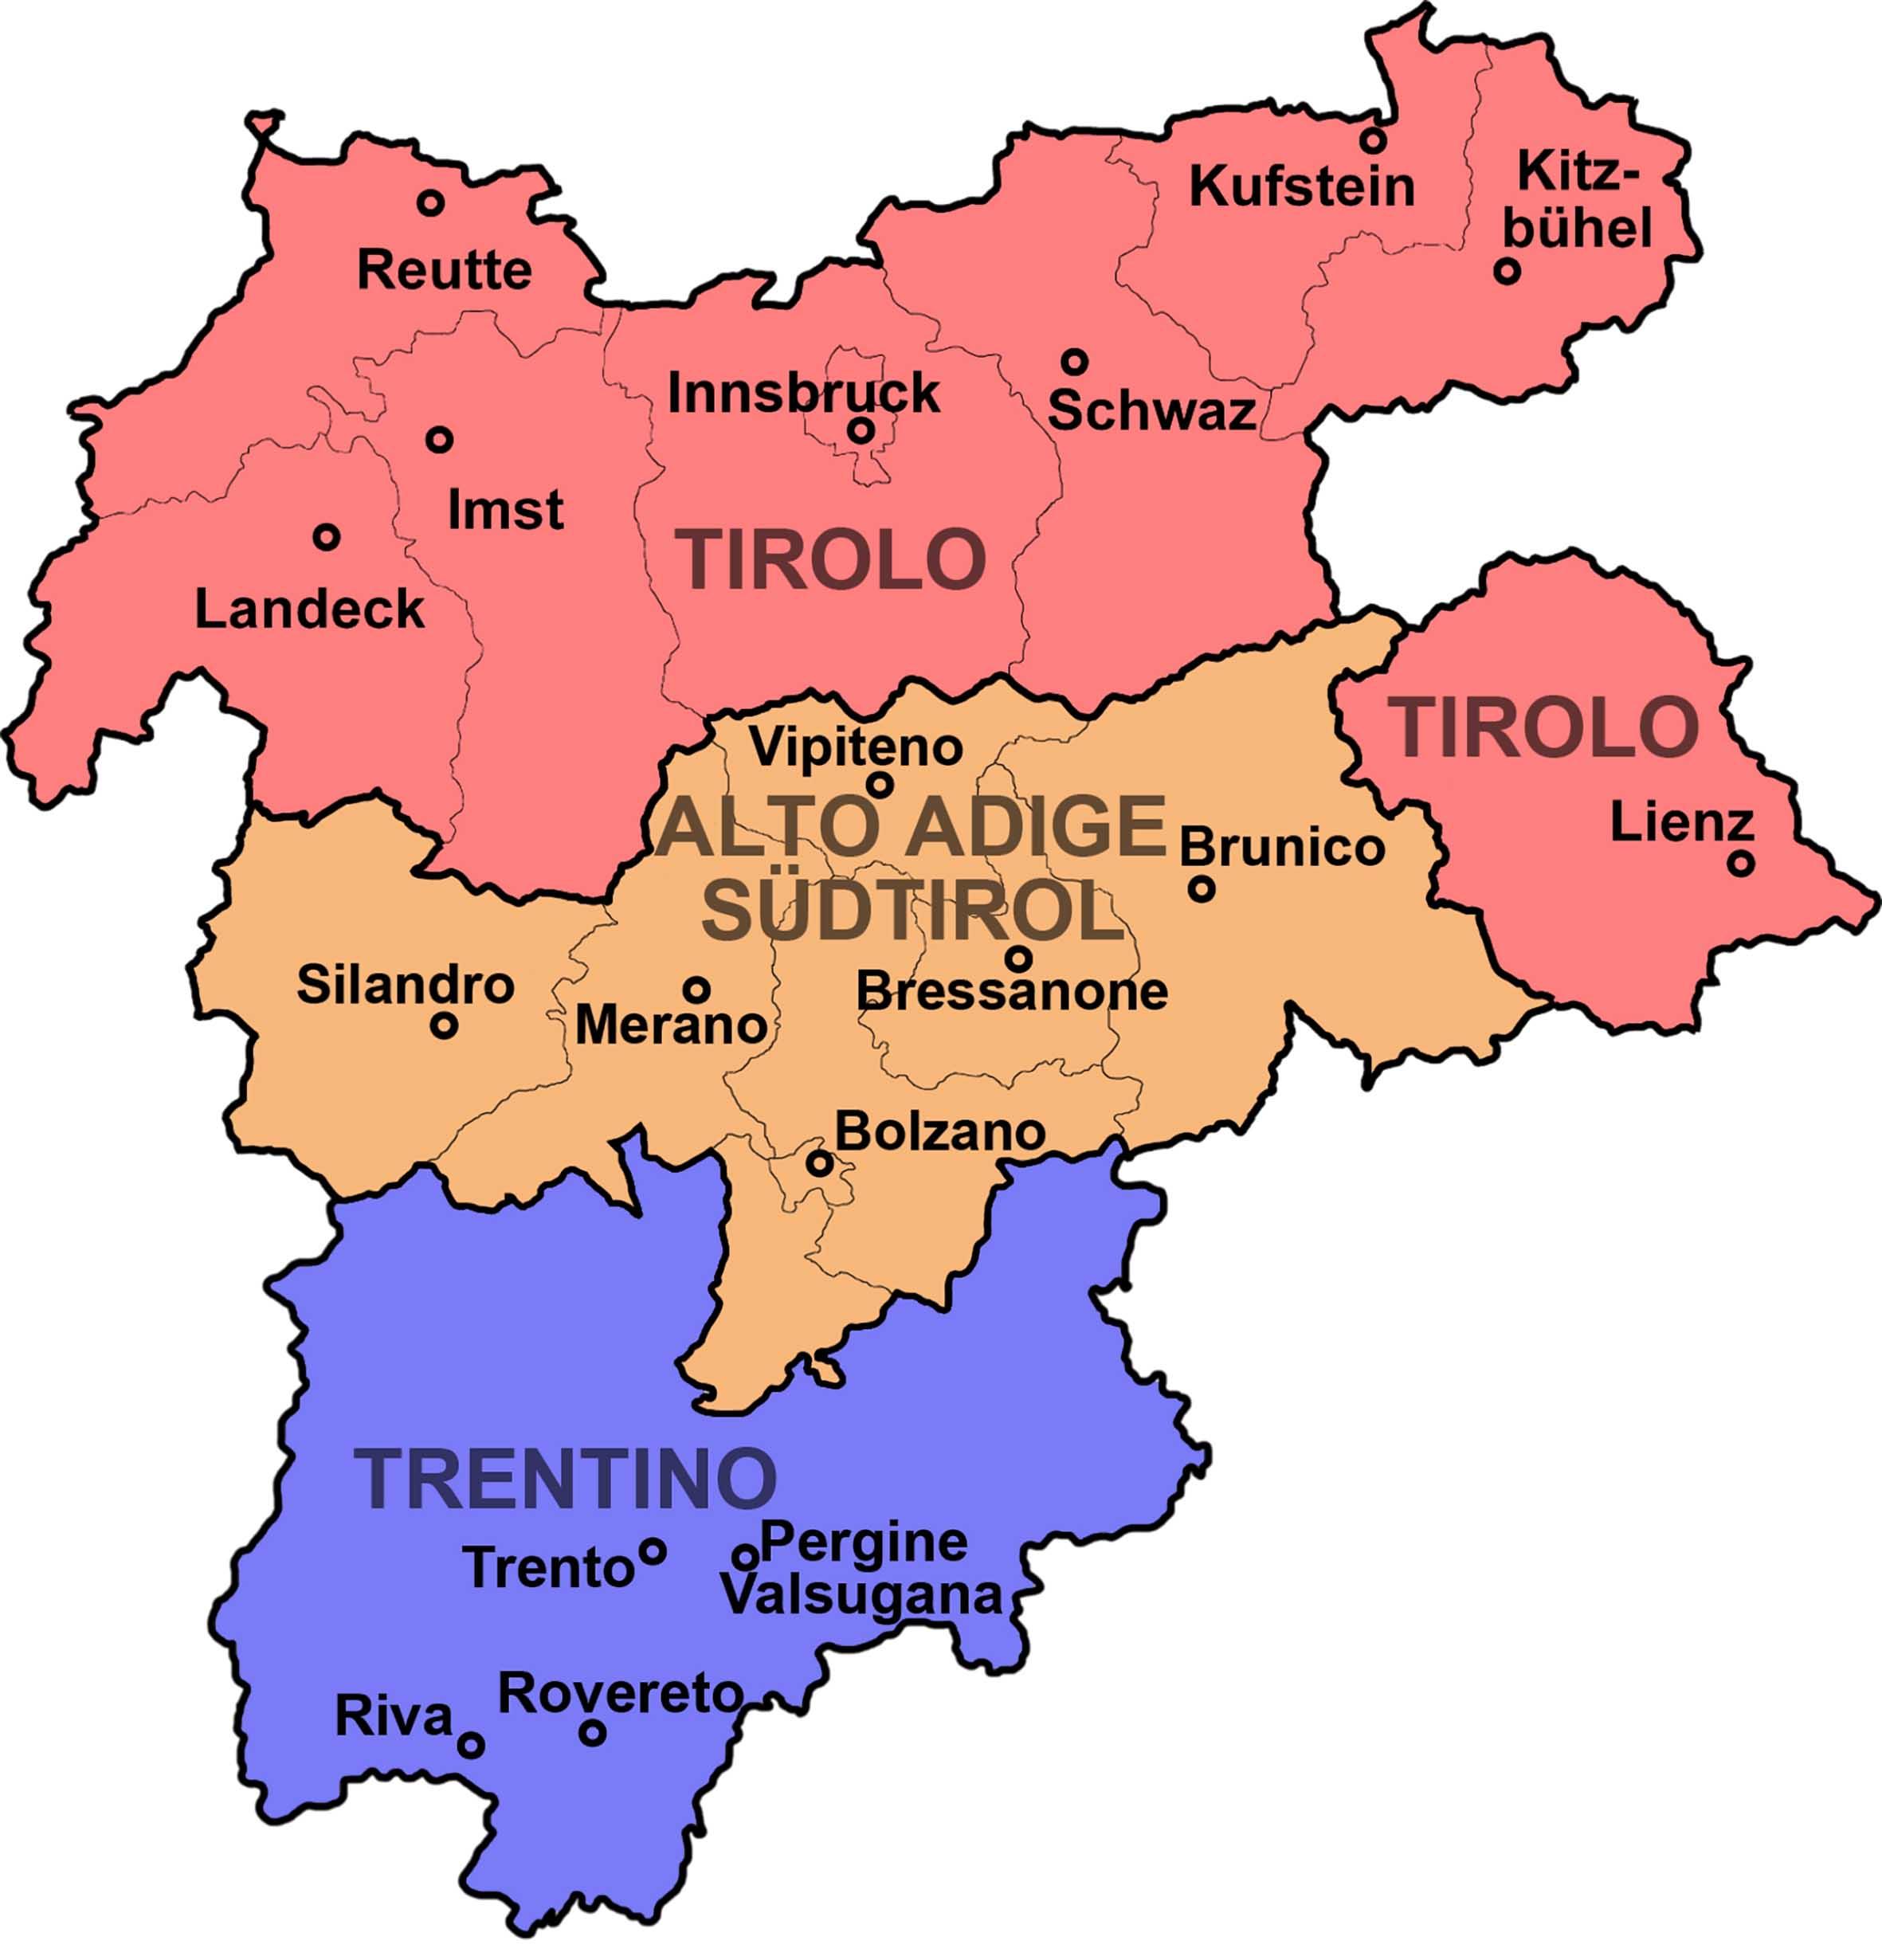 Trentino Alto Adige Cartina Fisica E Politica.I Prezzi Nell Euregio Tirolese Trento Meno Cara Di Bolzano E Innsbruck Il Nordest Quotidiano